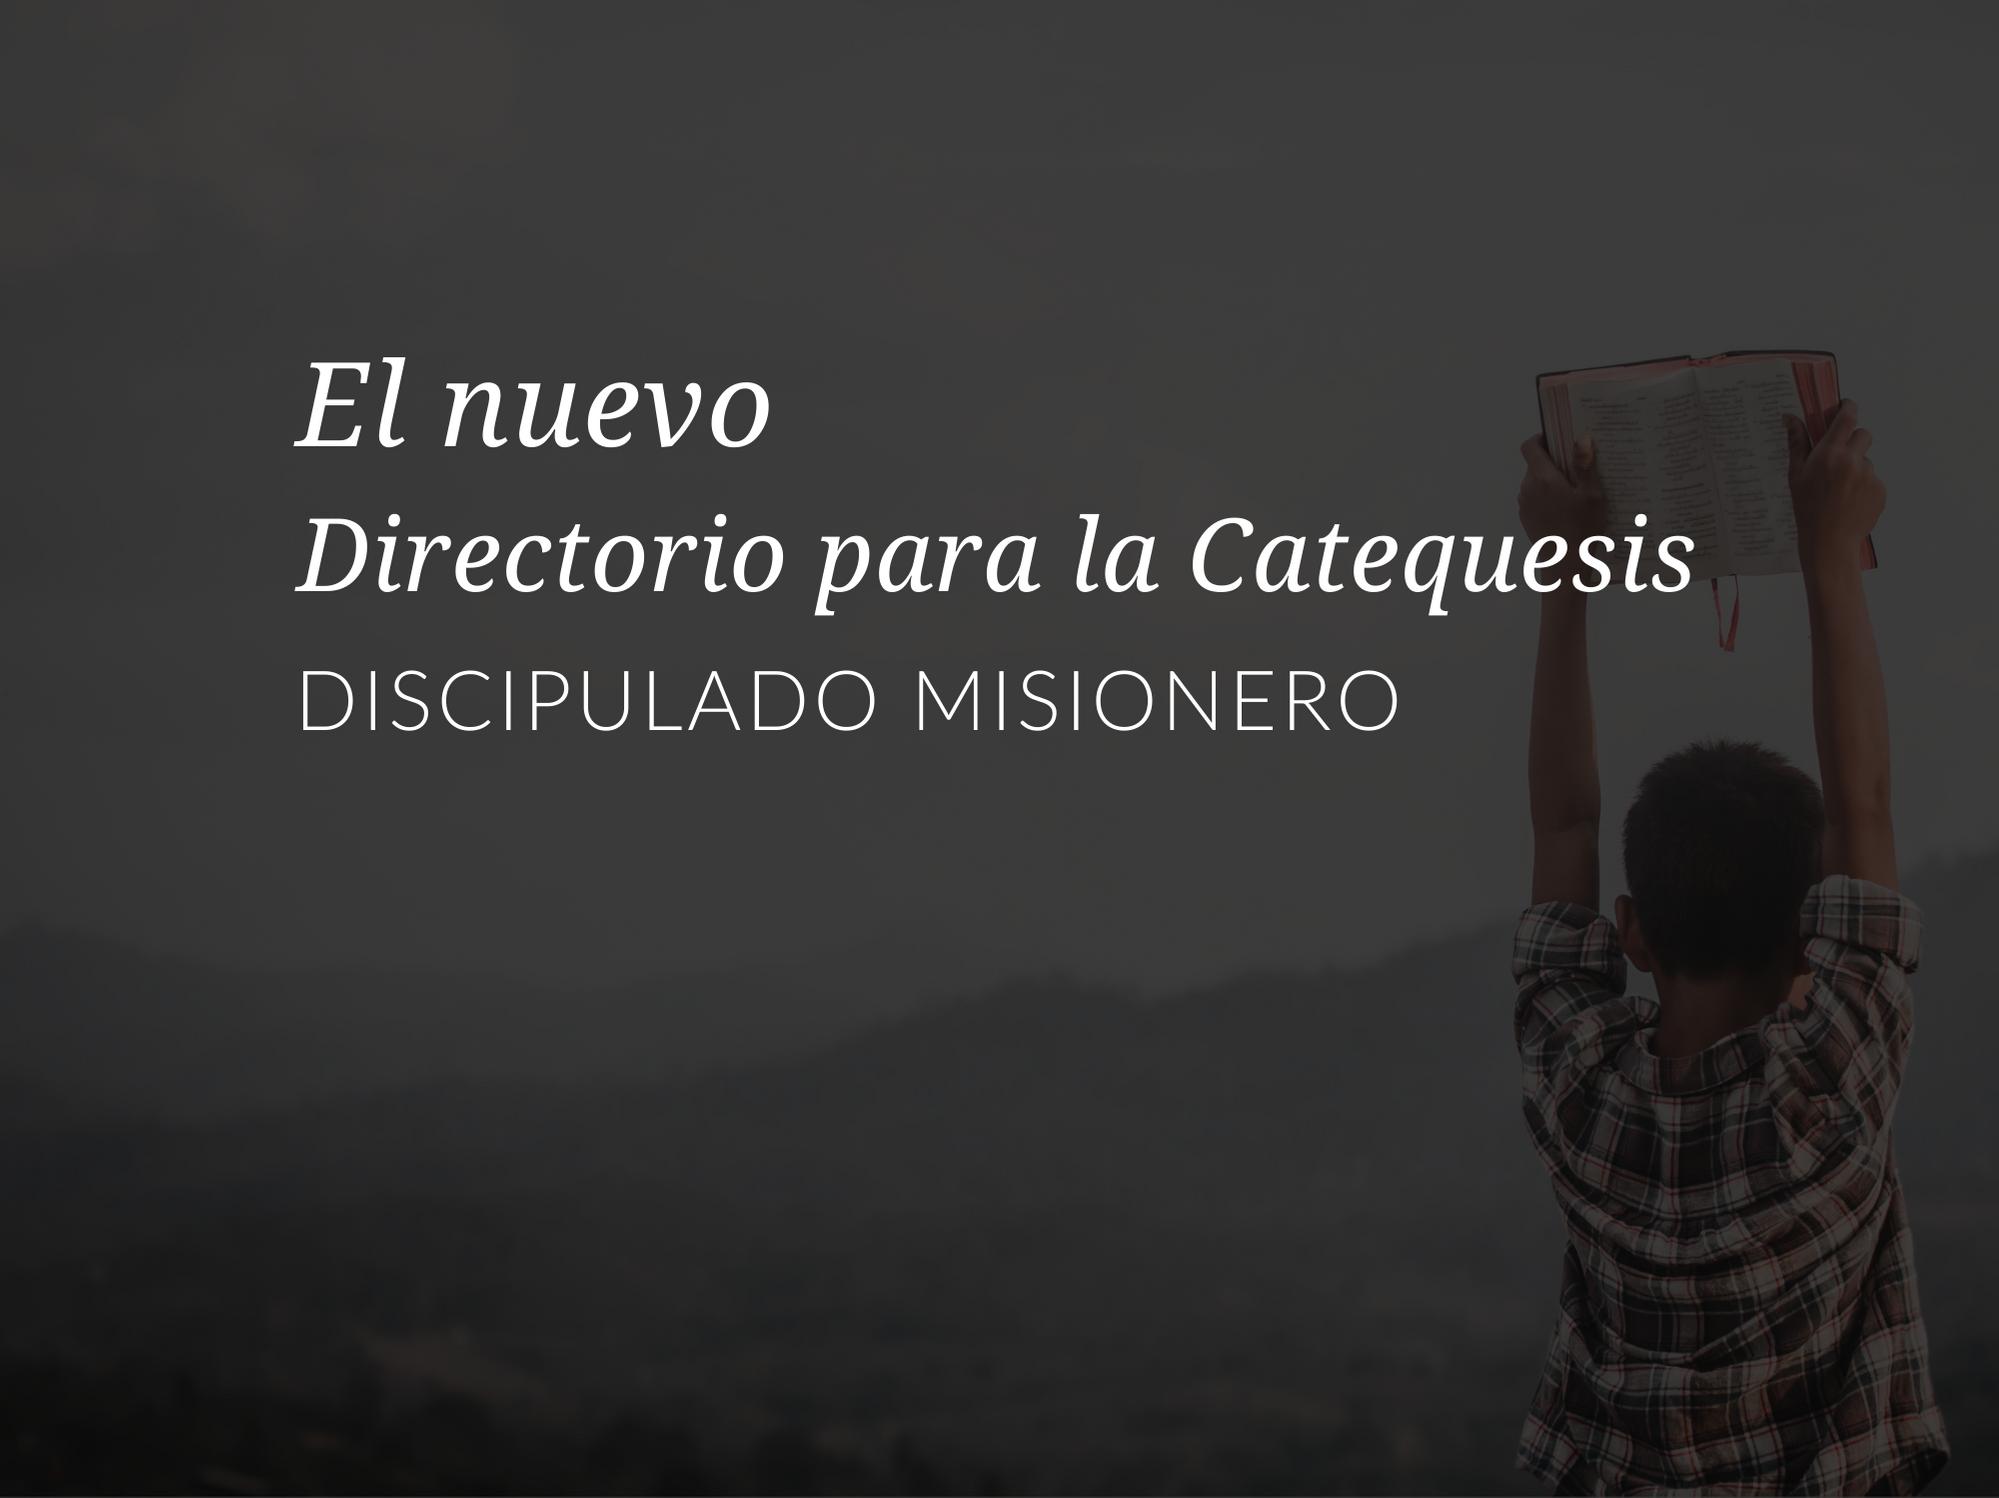 el-nuevo-directorio-para-la-catequesis-discipulado-misionero